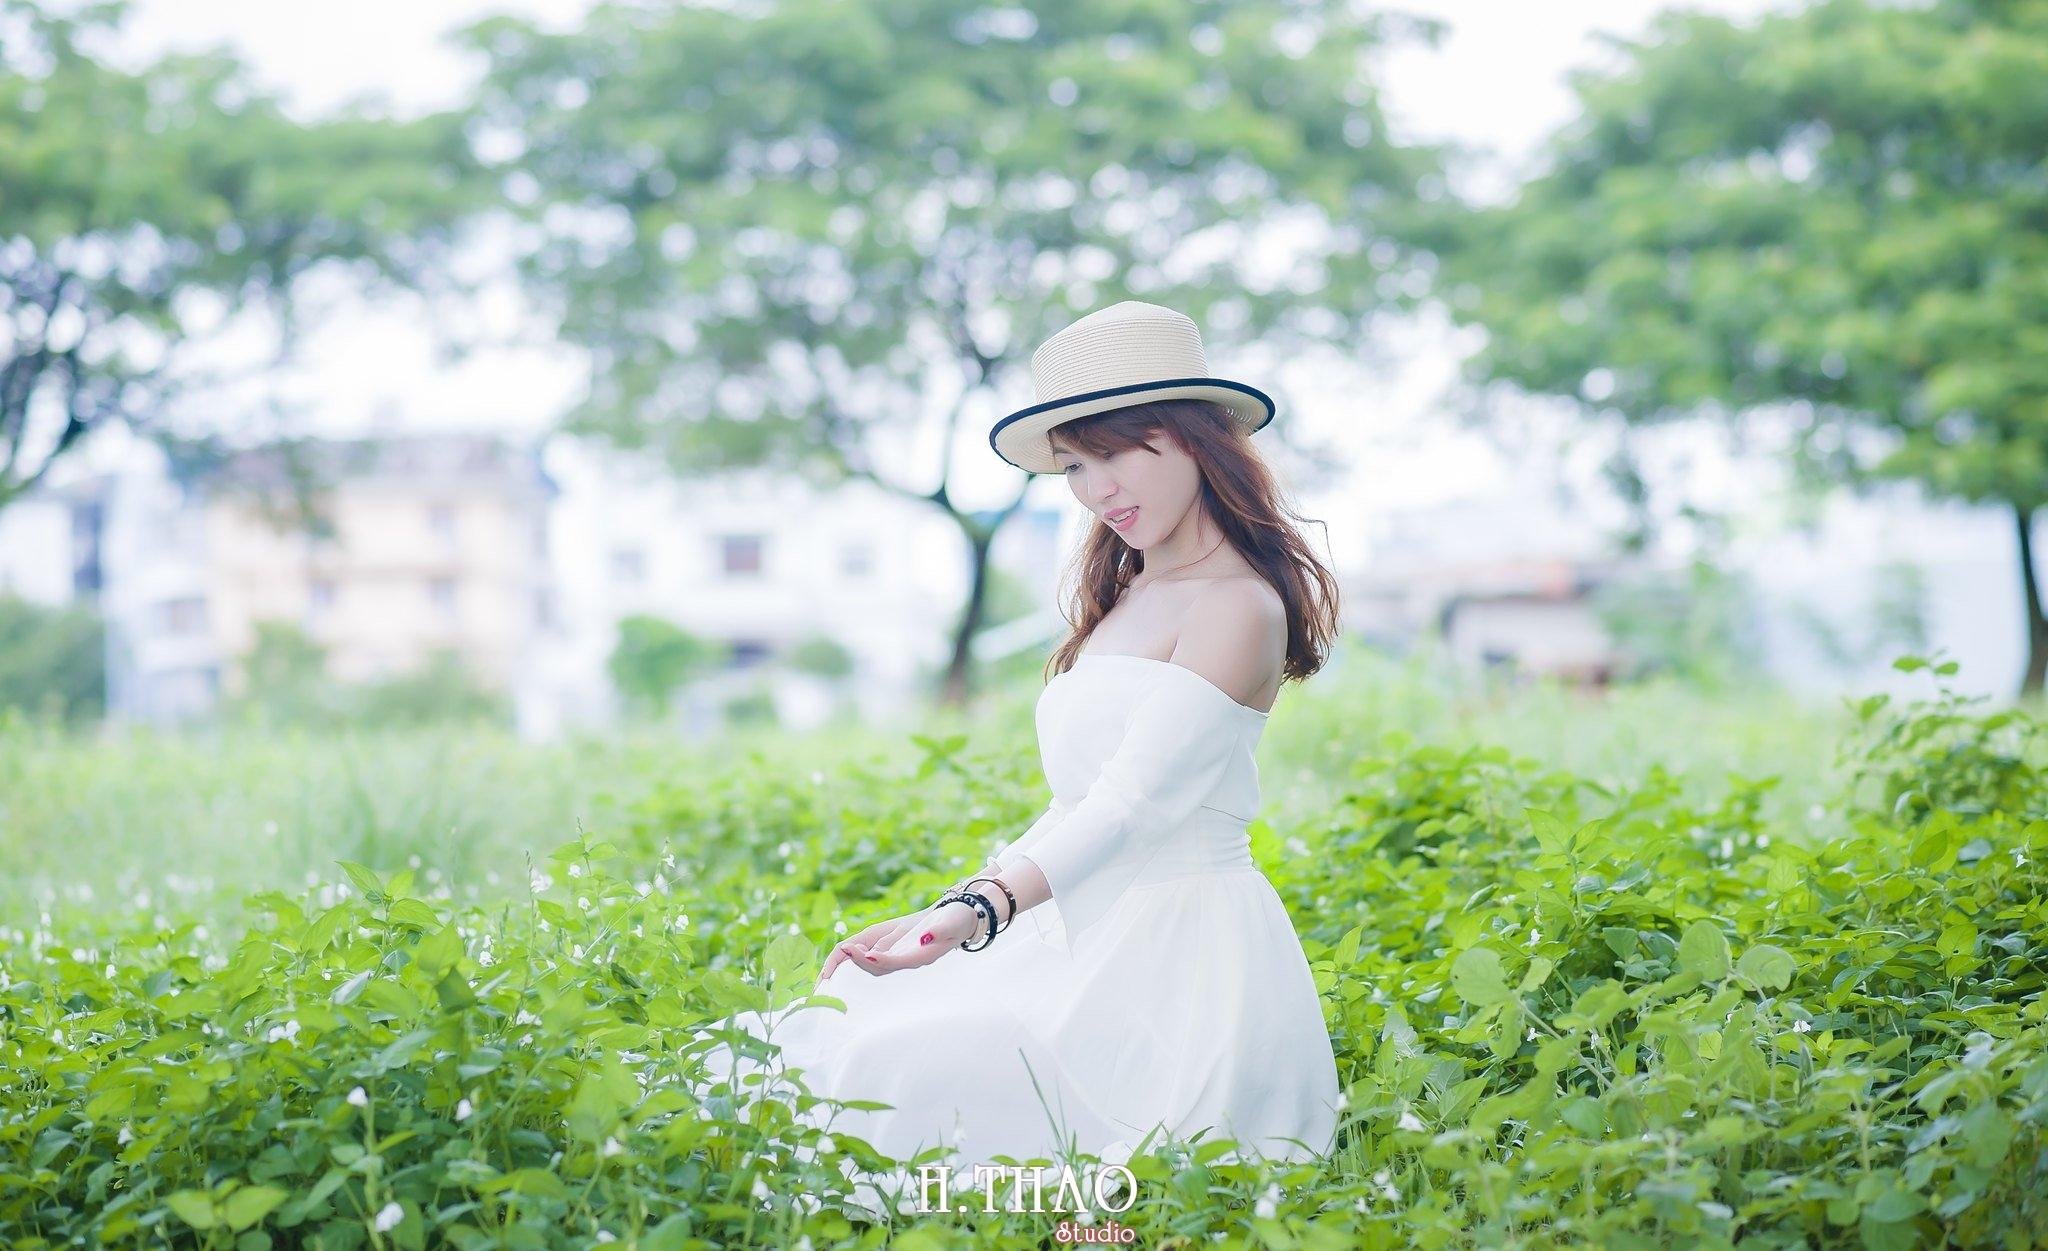 anh dao kim cuong 8 - Tổng hợp những góc ảnh đẹp chụp ở đảo kim cương quận 2 - HThao Studio